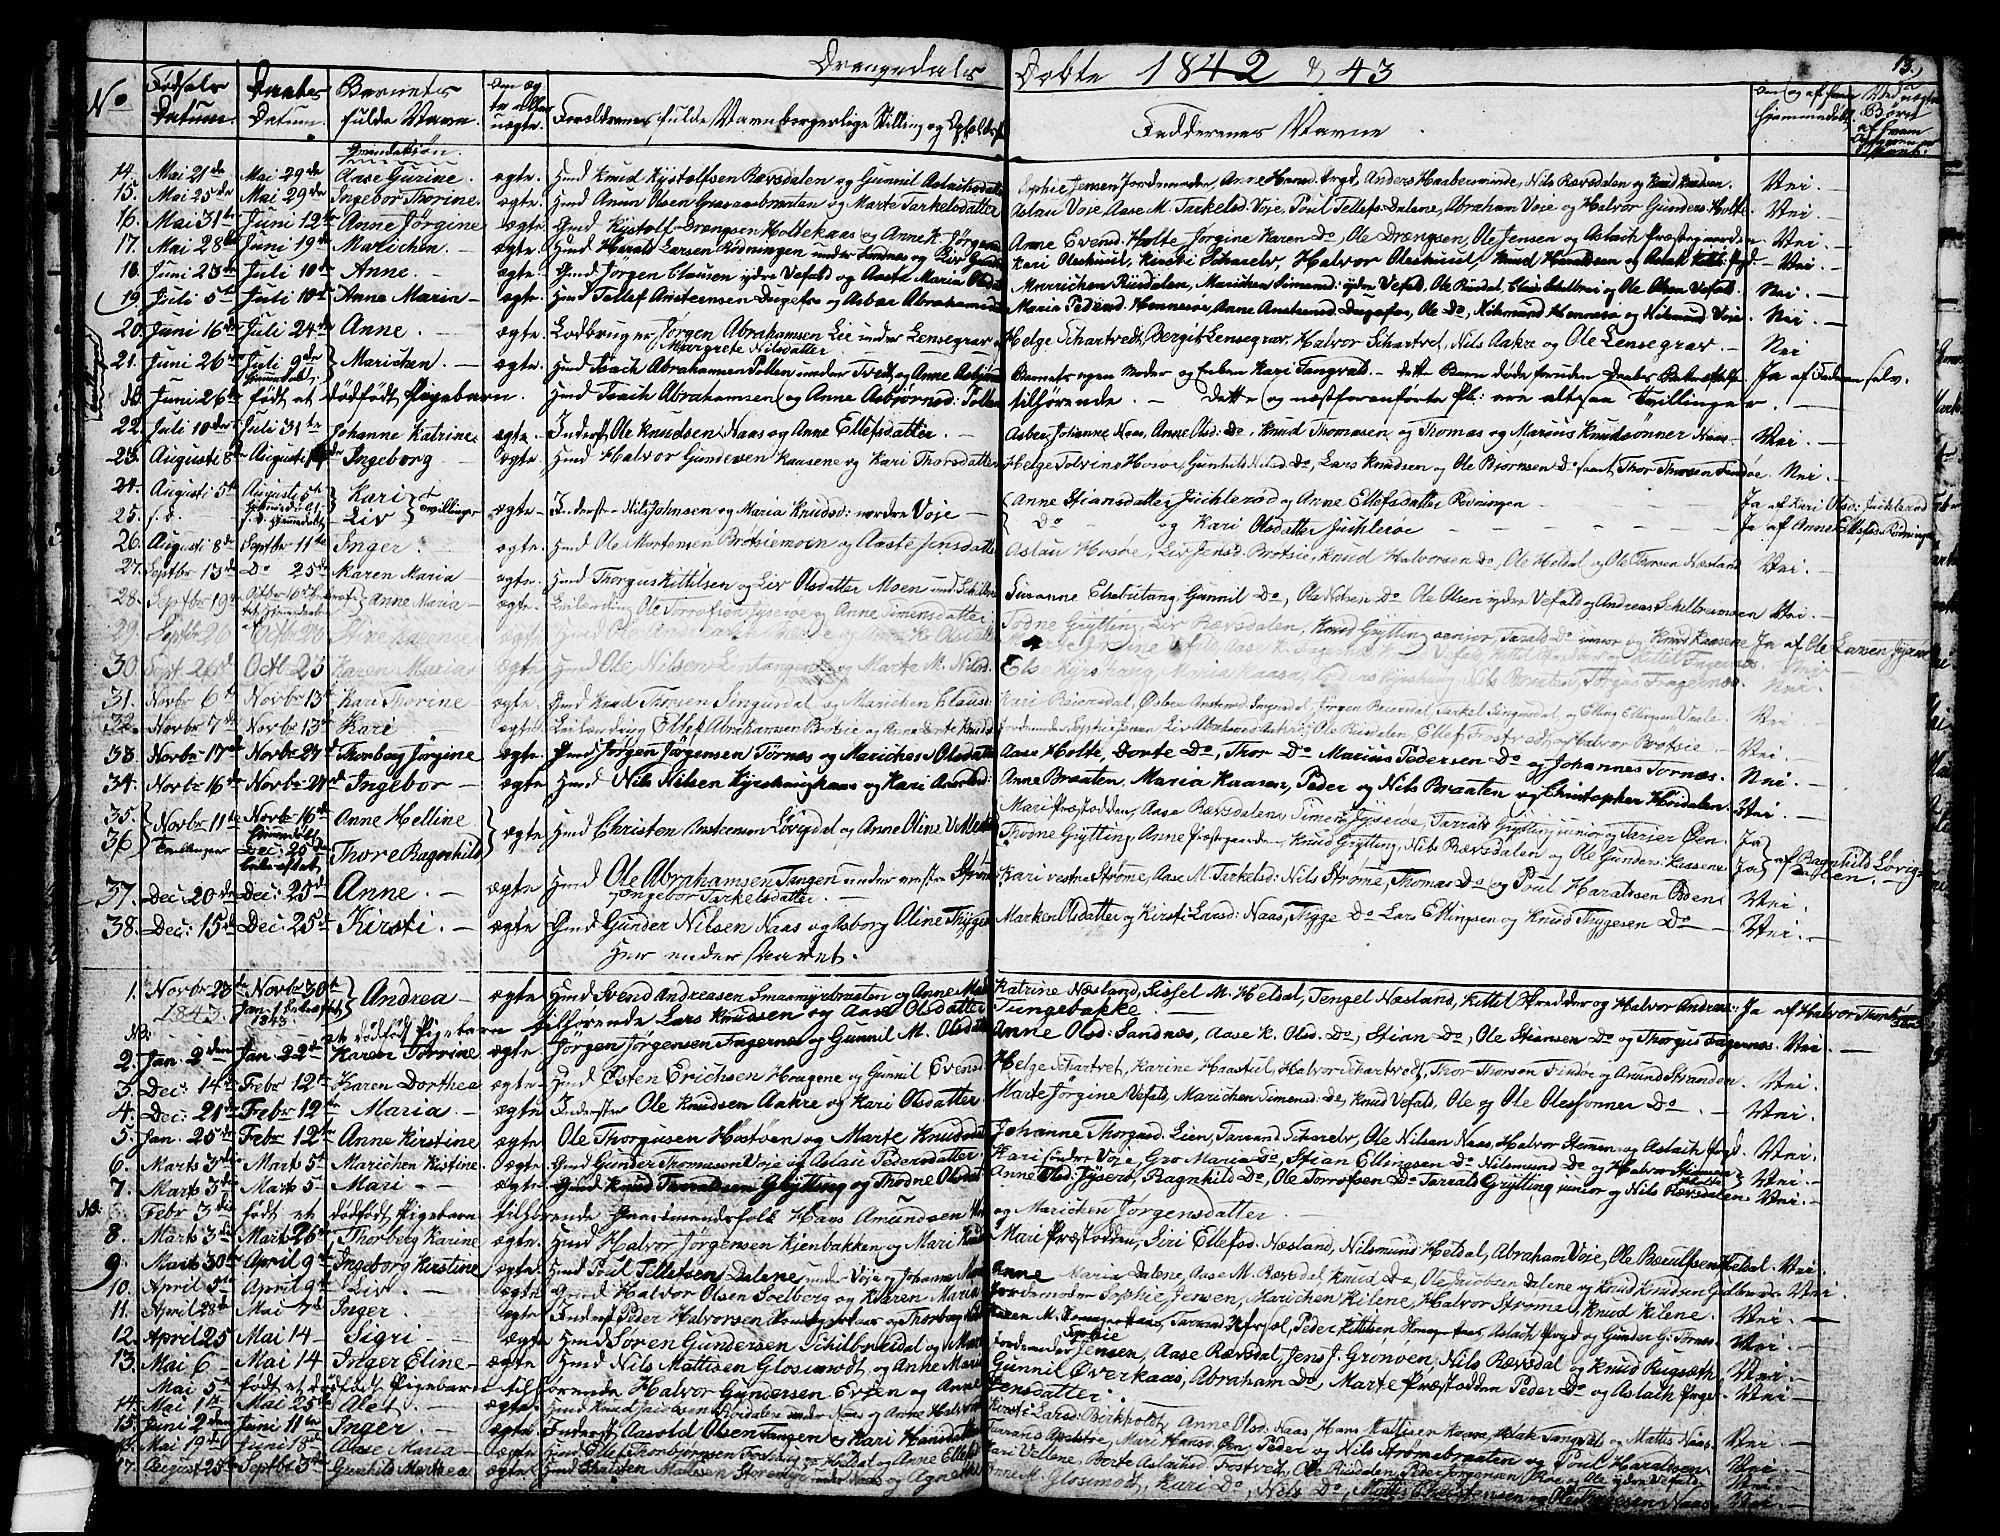 SAKO, Drangedal kirkebøker, G/Ga/L0001: Klokkerbok nr. I 1 /1, 1814-1856, s. 13